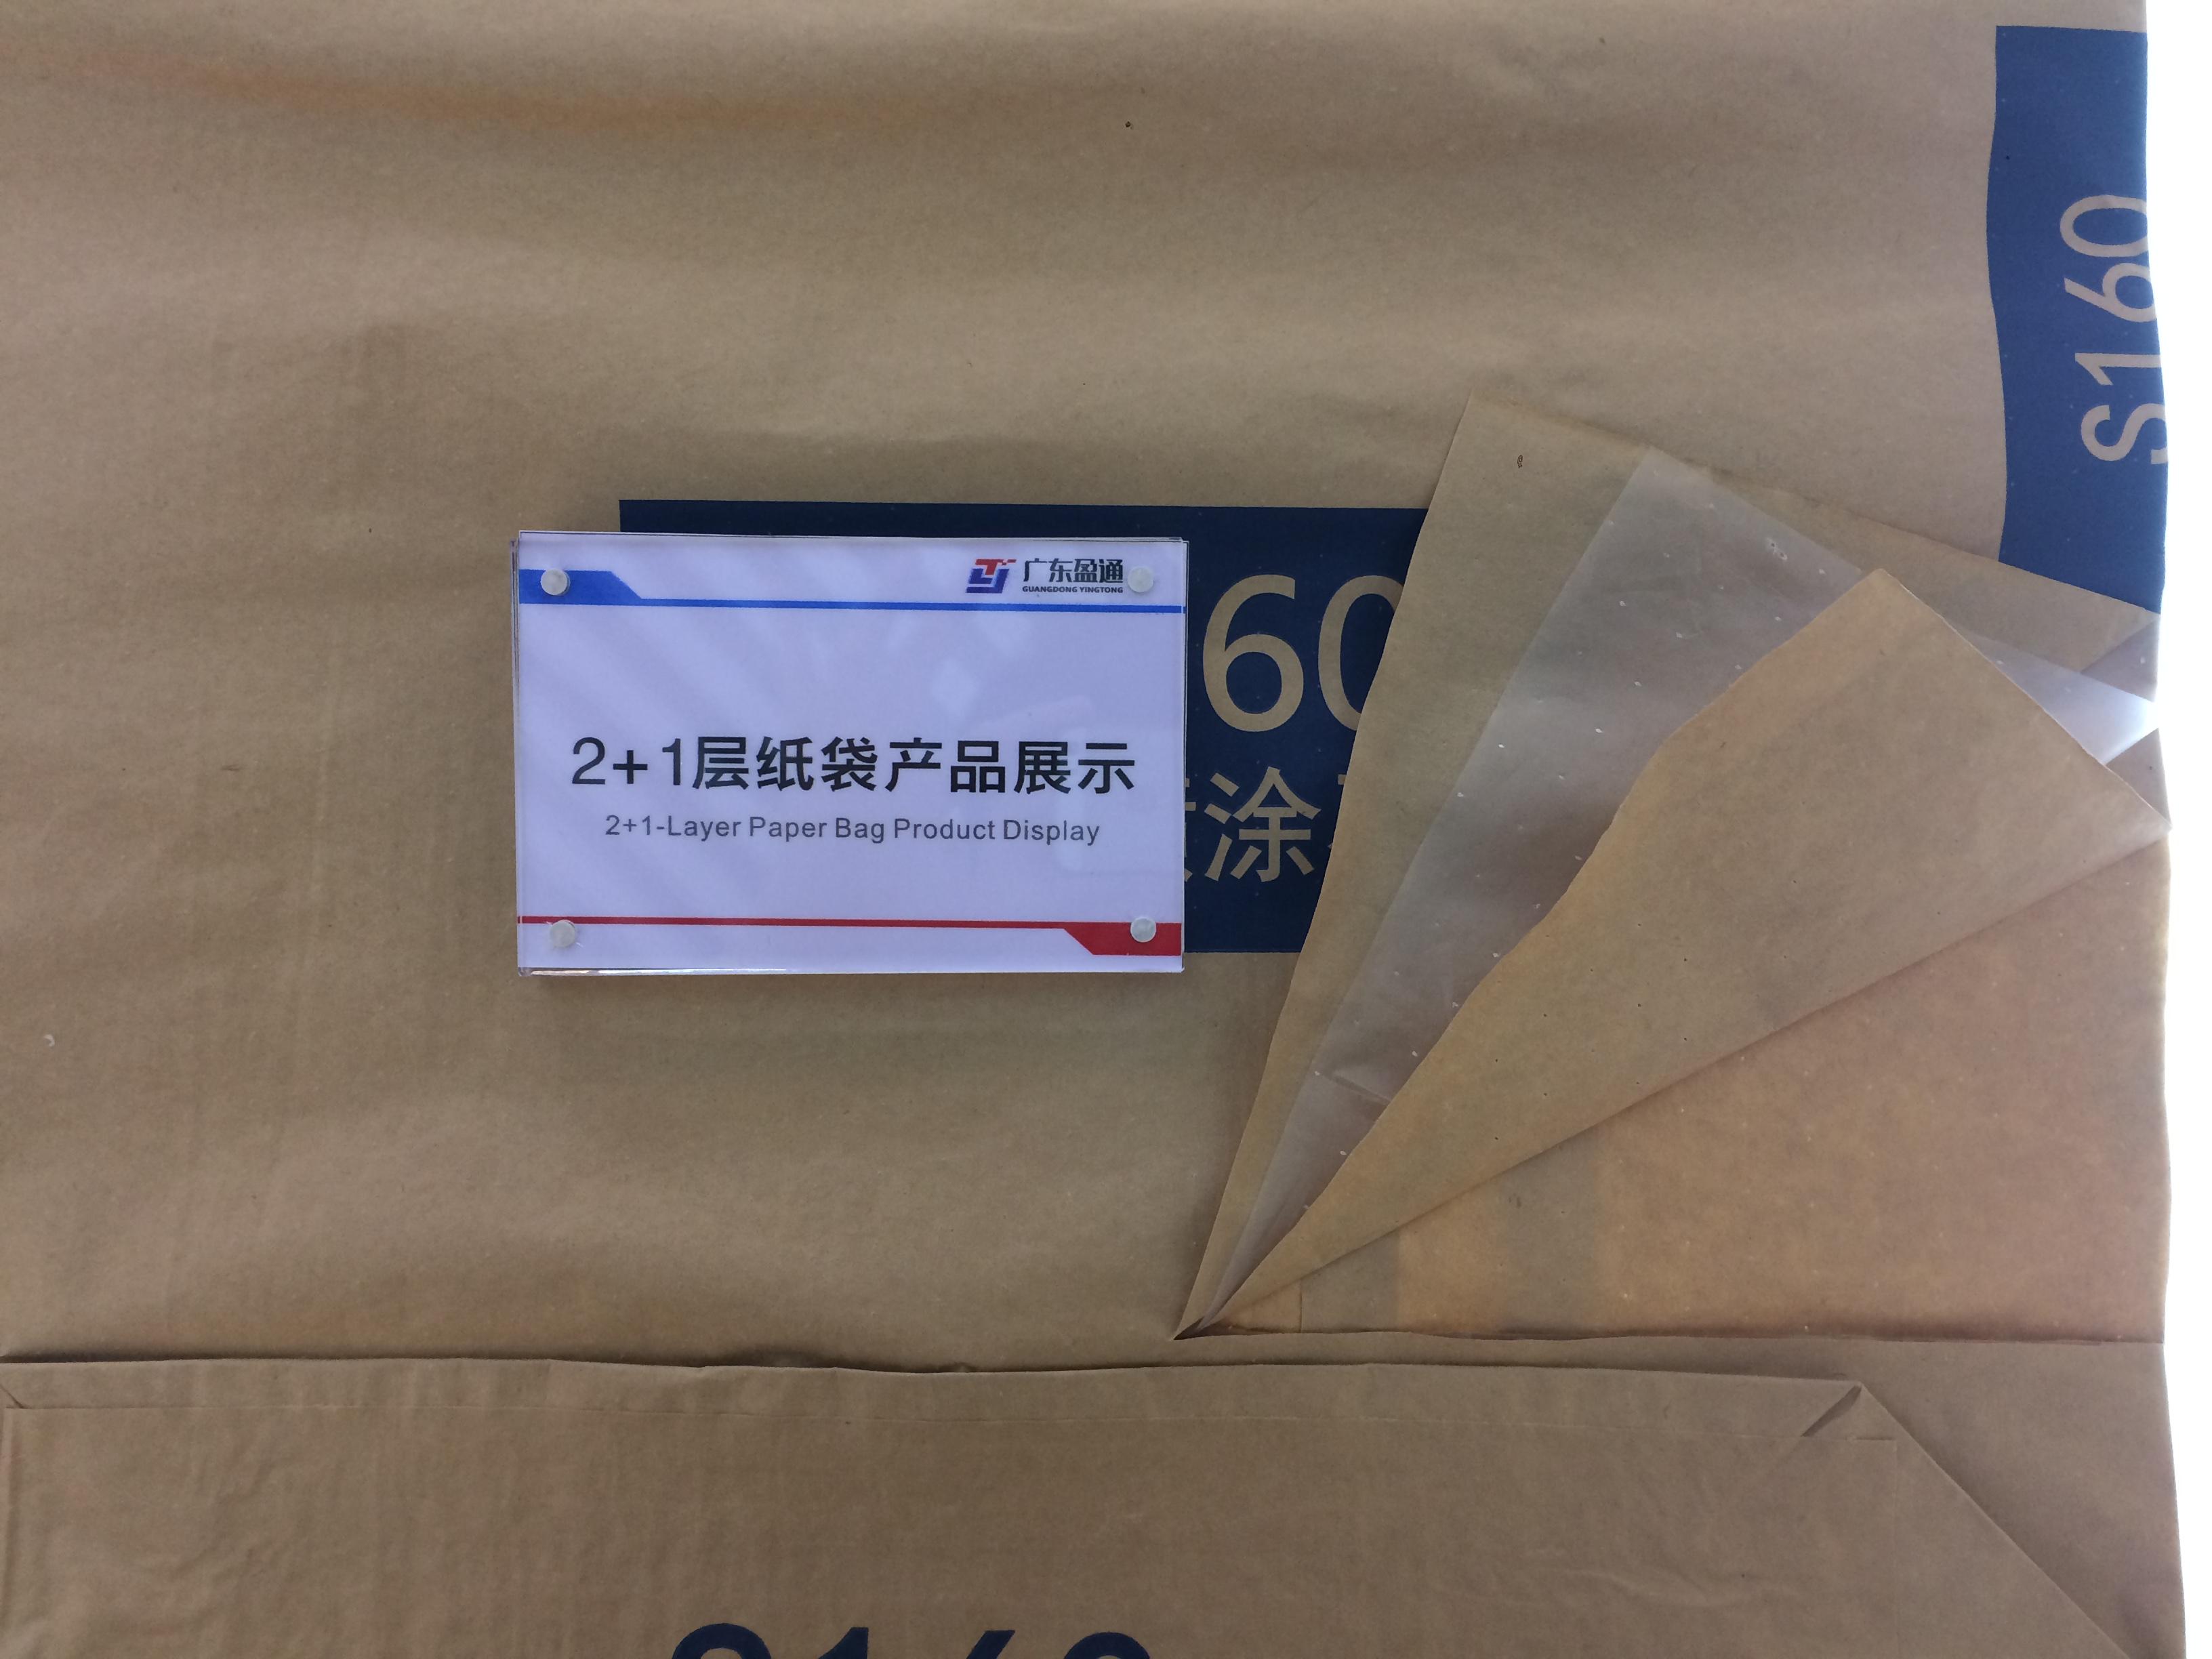 2+1-layer Kraft paper bag